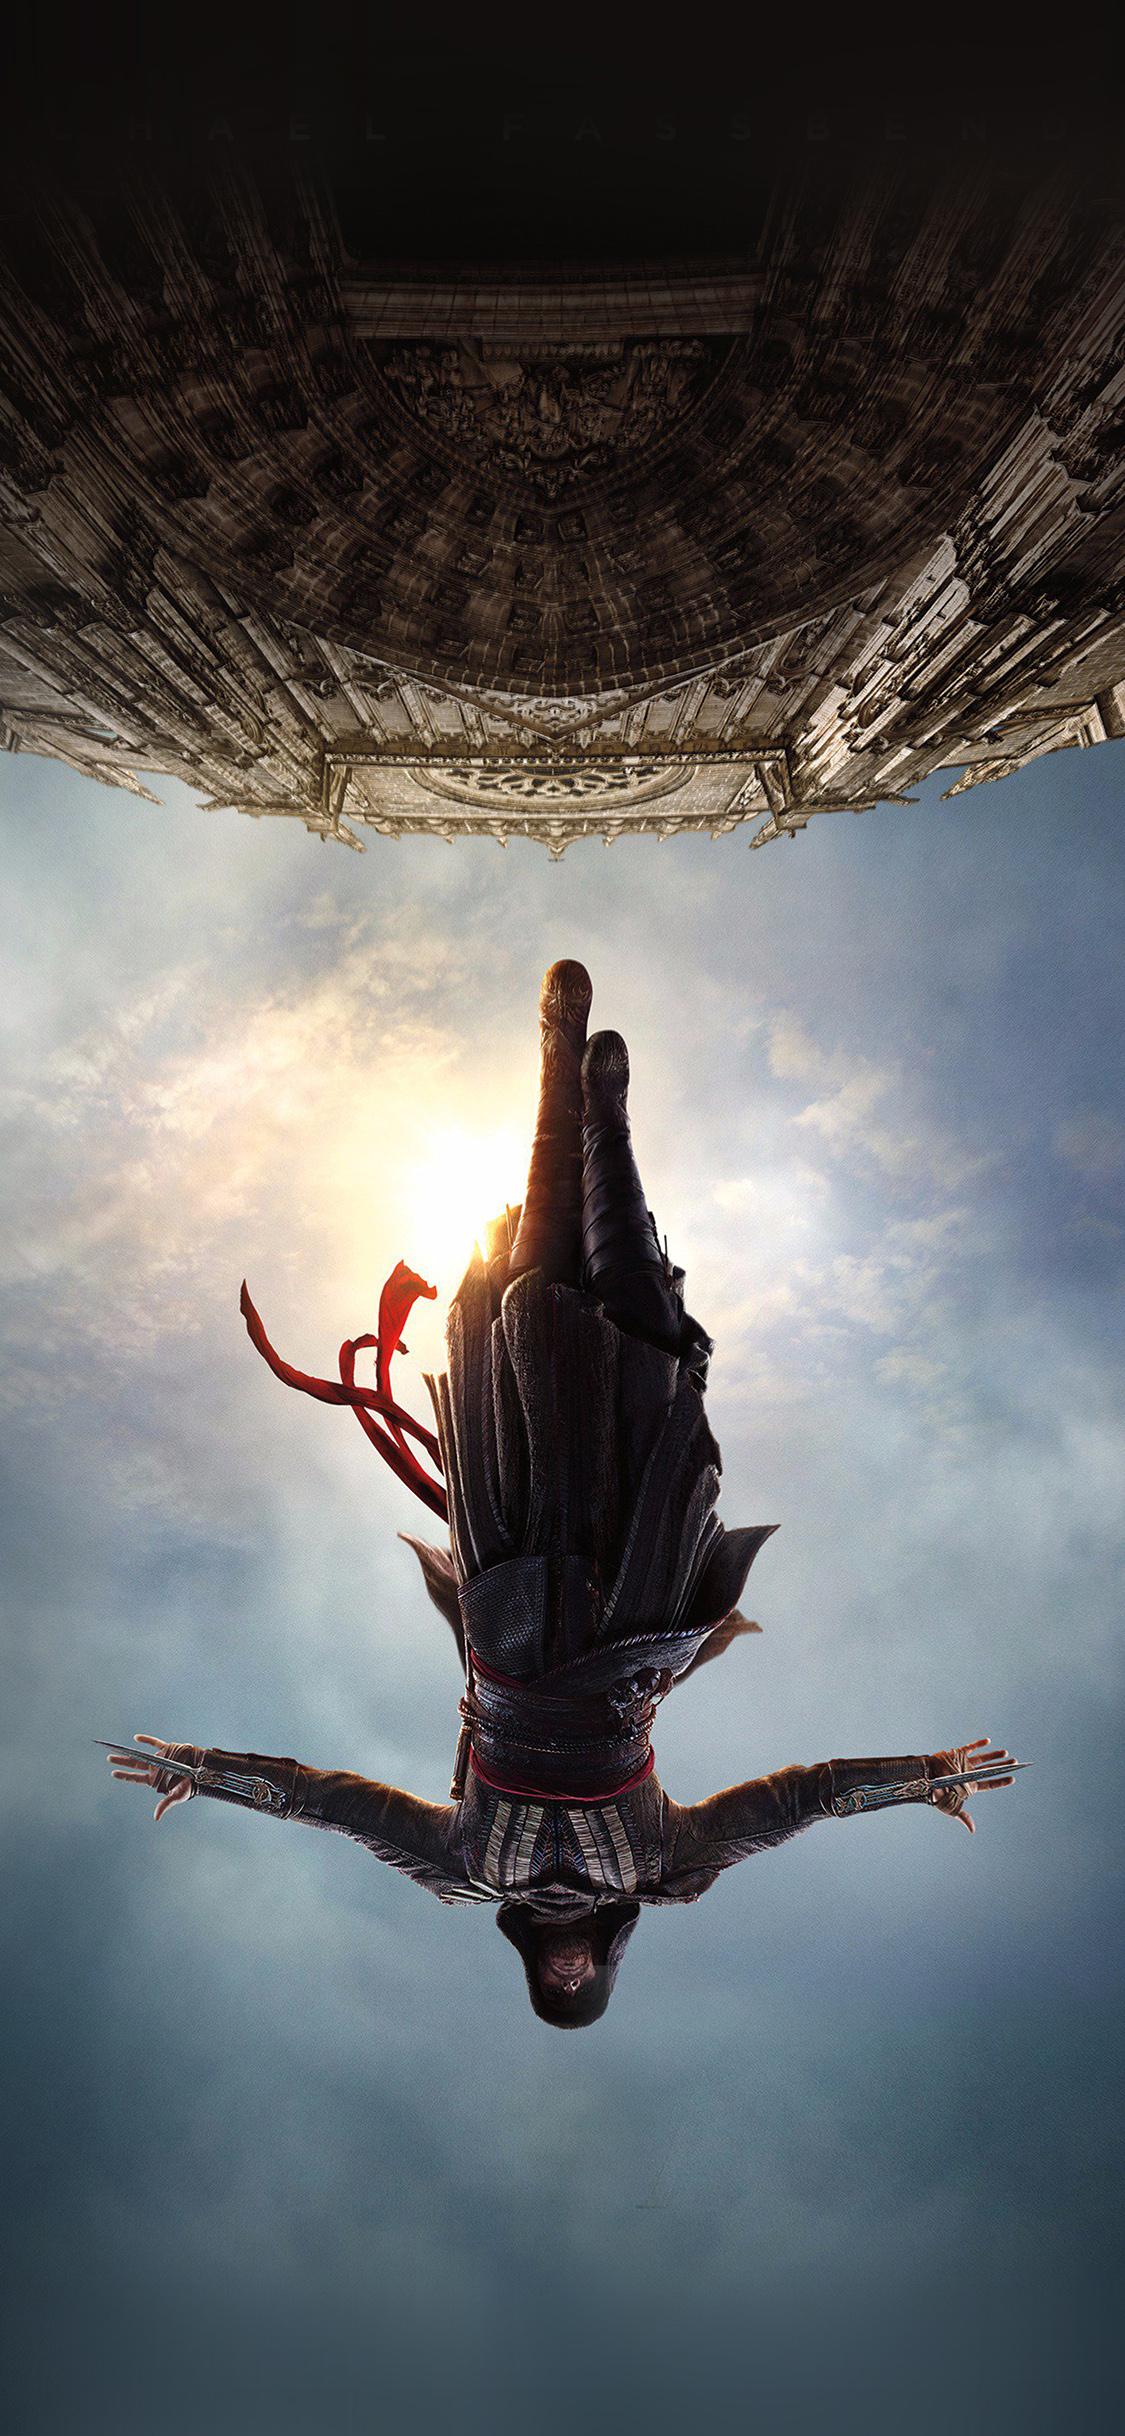 Google Android Wallpaper Hd Av98 Assasins Creed Film Poster Illustration Art Wallpaper